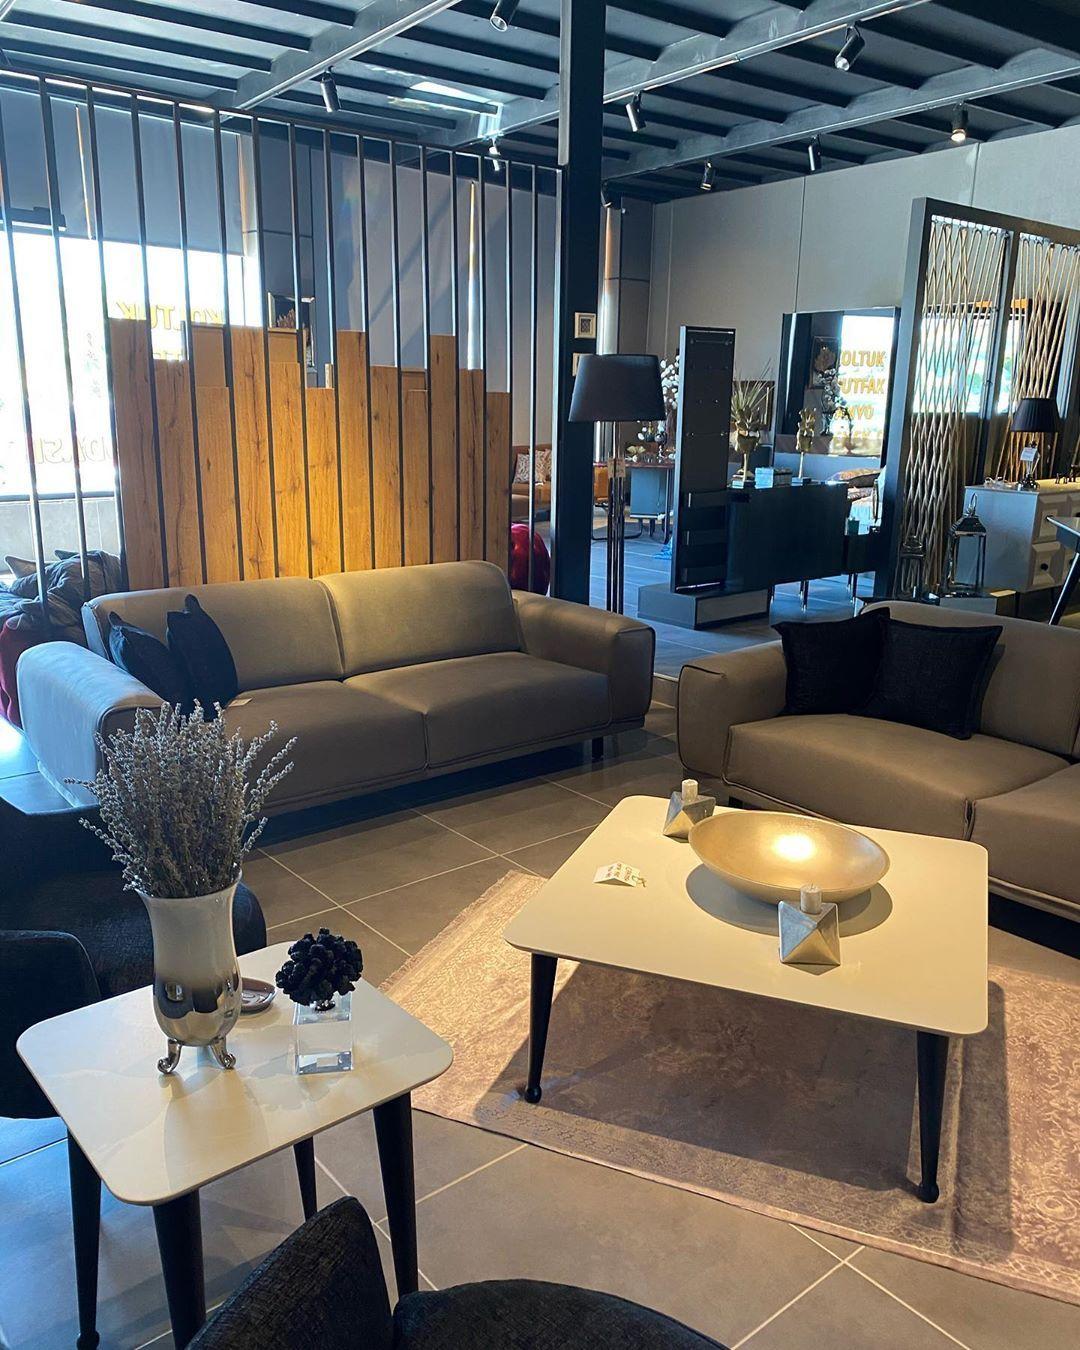 Agustos Kampanyamiz Basladi Ozel Tasarimlar Mersin Icinde Ucretsiz Teslimat Ve Kurulum Proje Islerde Gorsel In 2020 Home Decor Furniture Decor